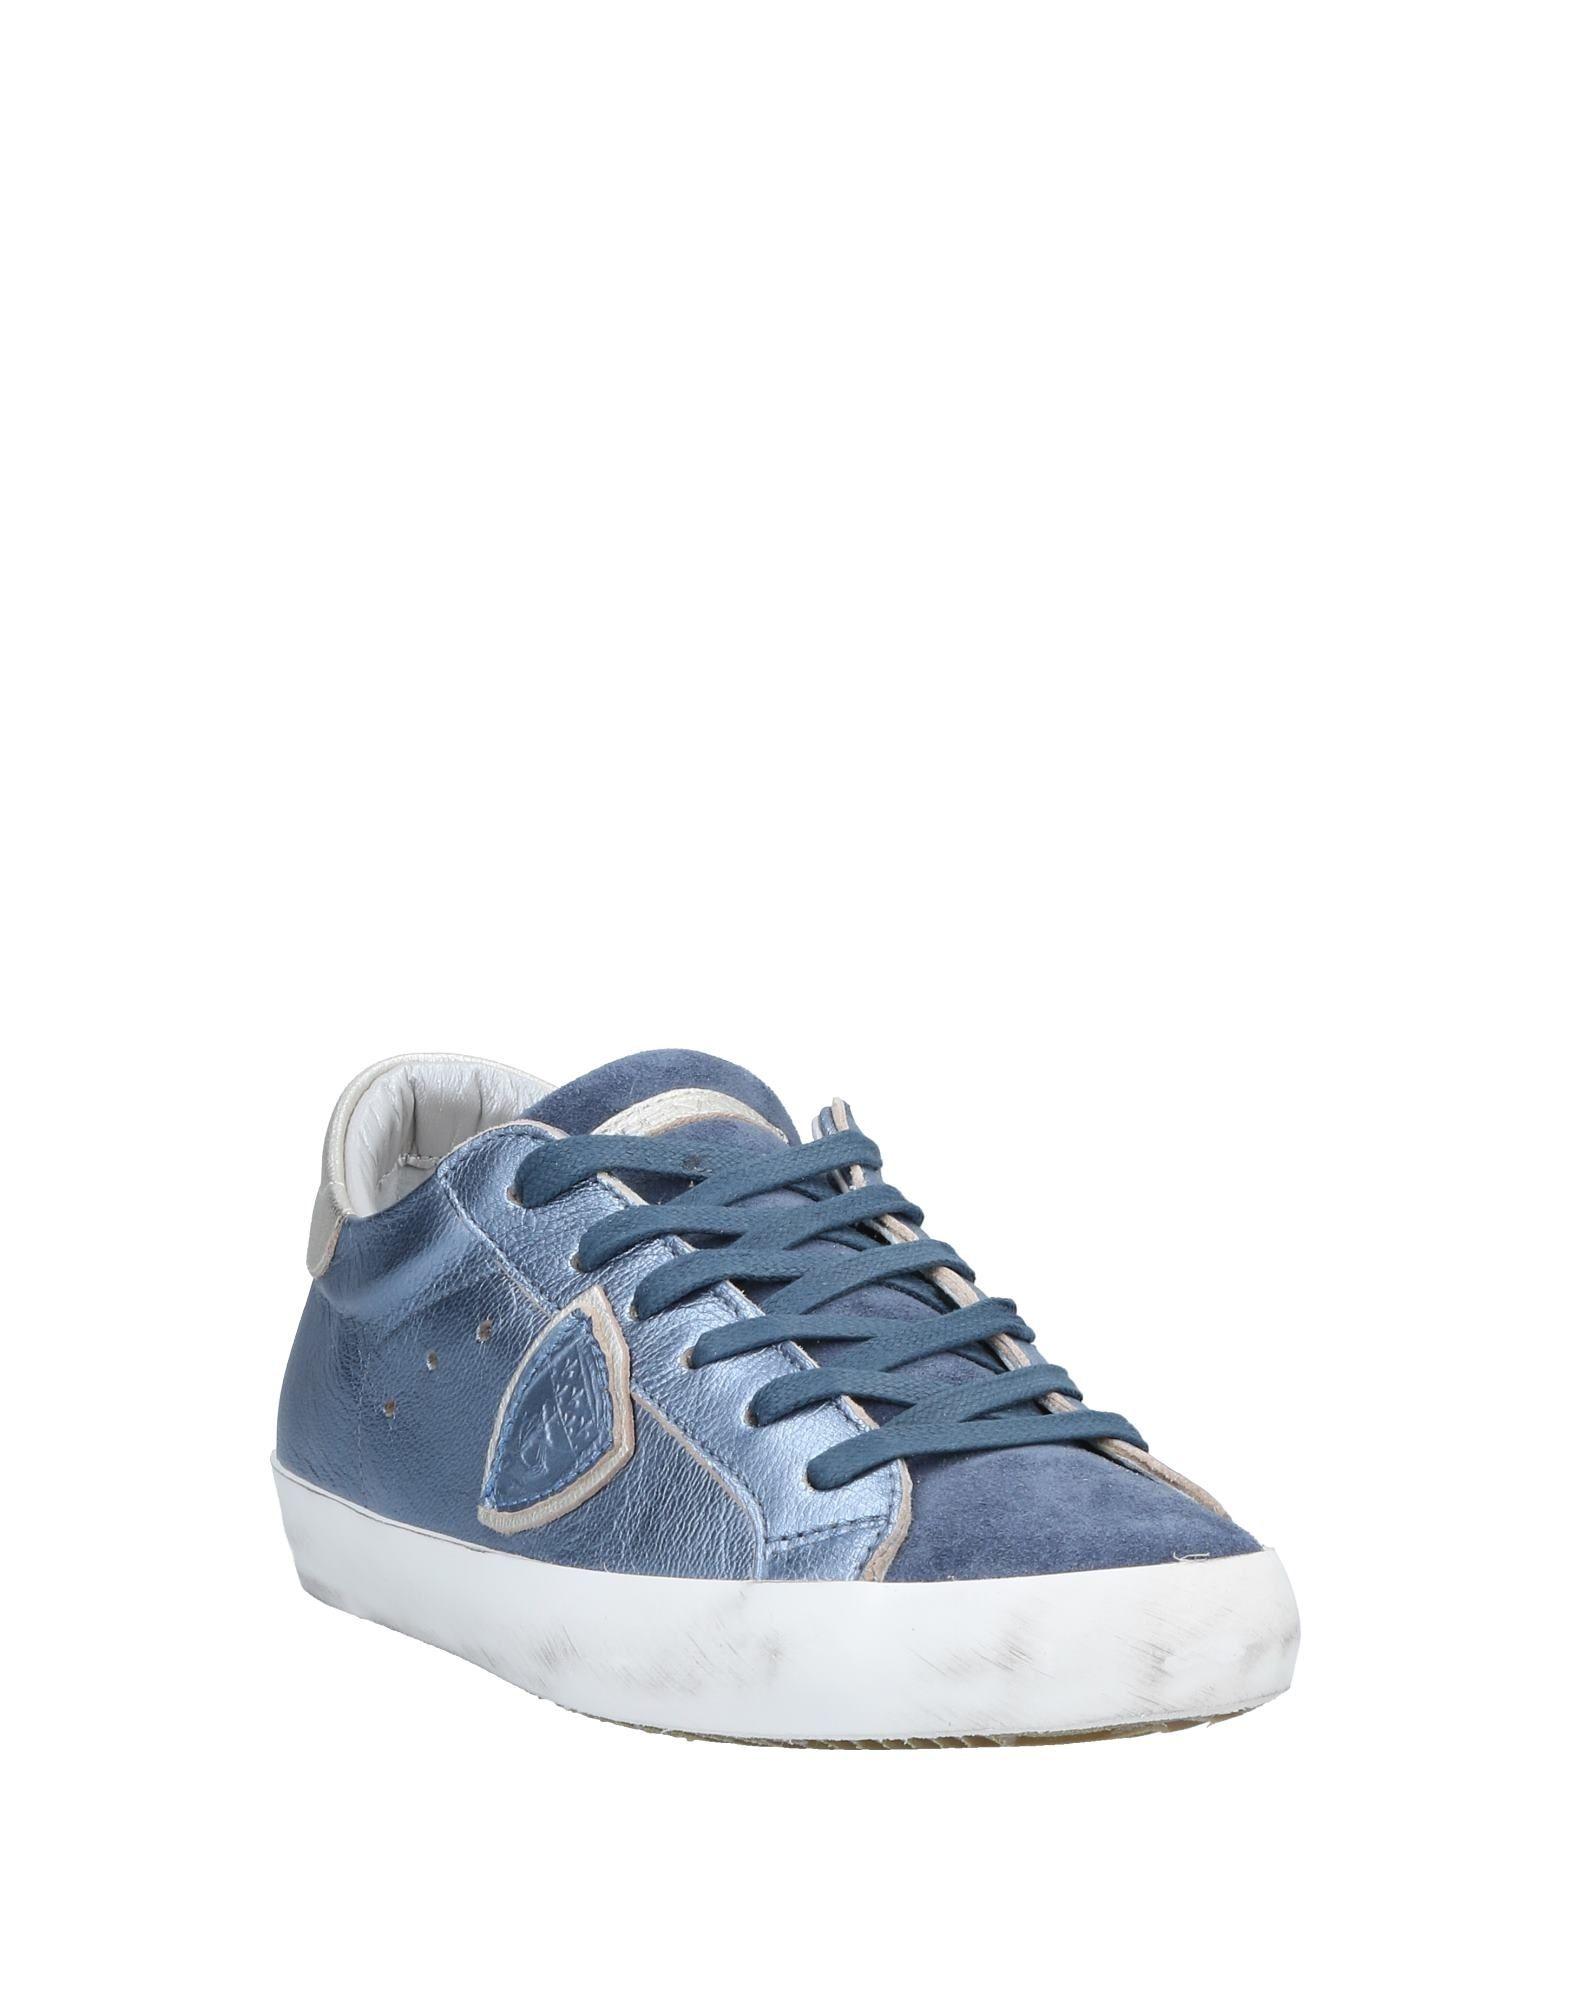 Philippe Model Model Model Sneakers - Women Philippe Model Sneakers online on  Canada - 11568621SW d24fab